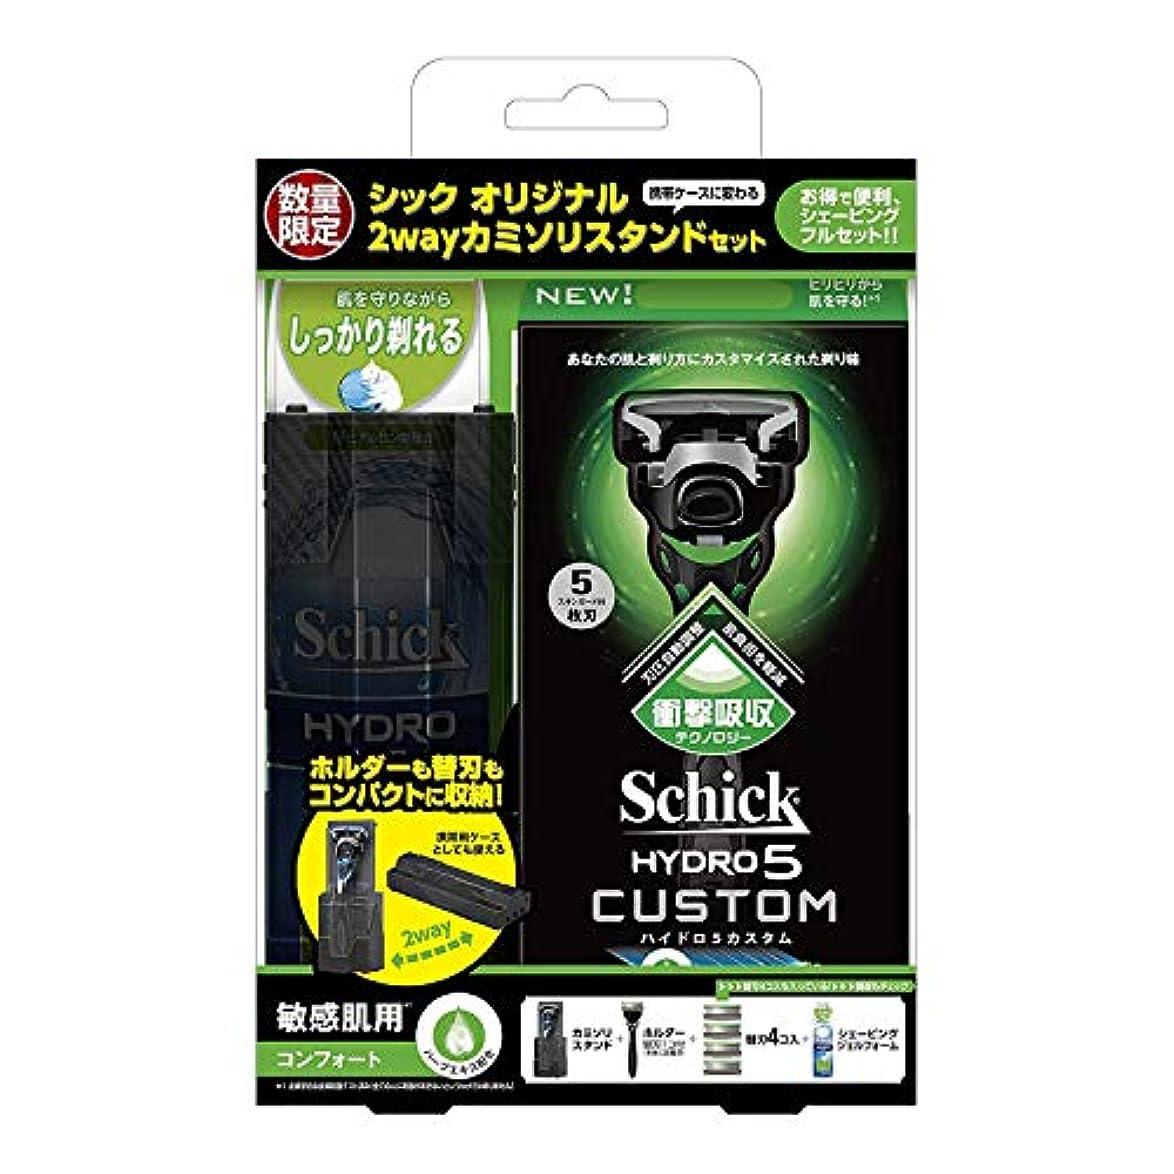 クロニクルきれいにパーセントシック Schick 5枚刃 ハイドロ5 カスタム コンフォート スペシャルパック 替刃5コ付 (替刃は本体に装着済み) 男性 カミソリ